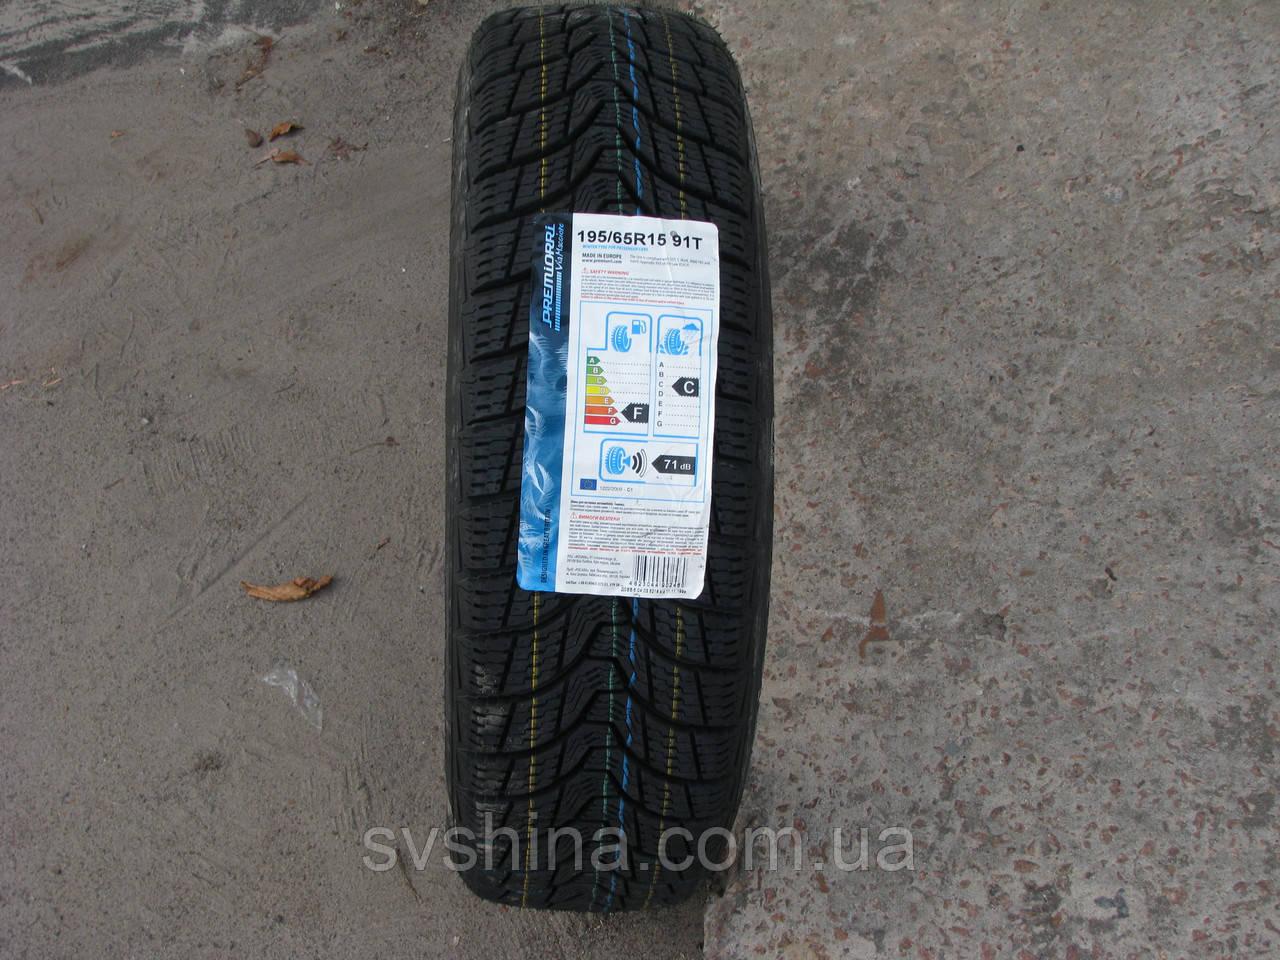 Зимові шини 195/65R15 Росава SNOWGARD 91T під шип.